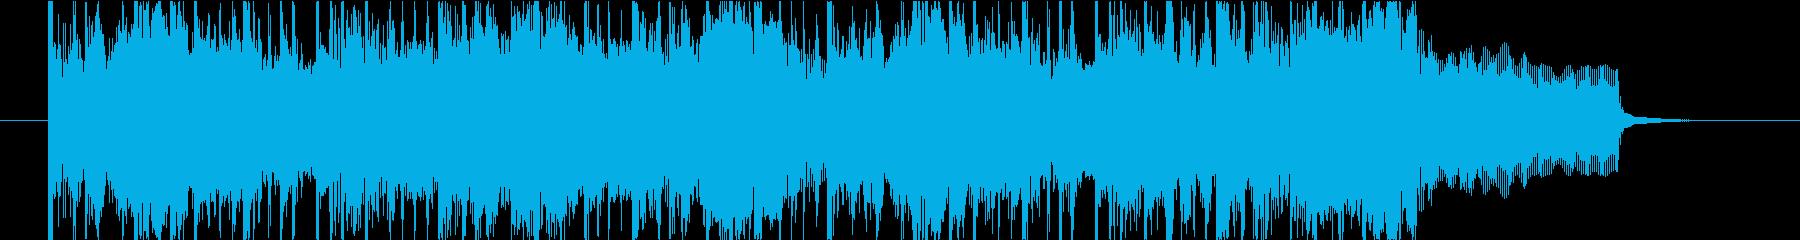 さわやかで都会的なフルートBGMの再生済みの波形